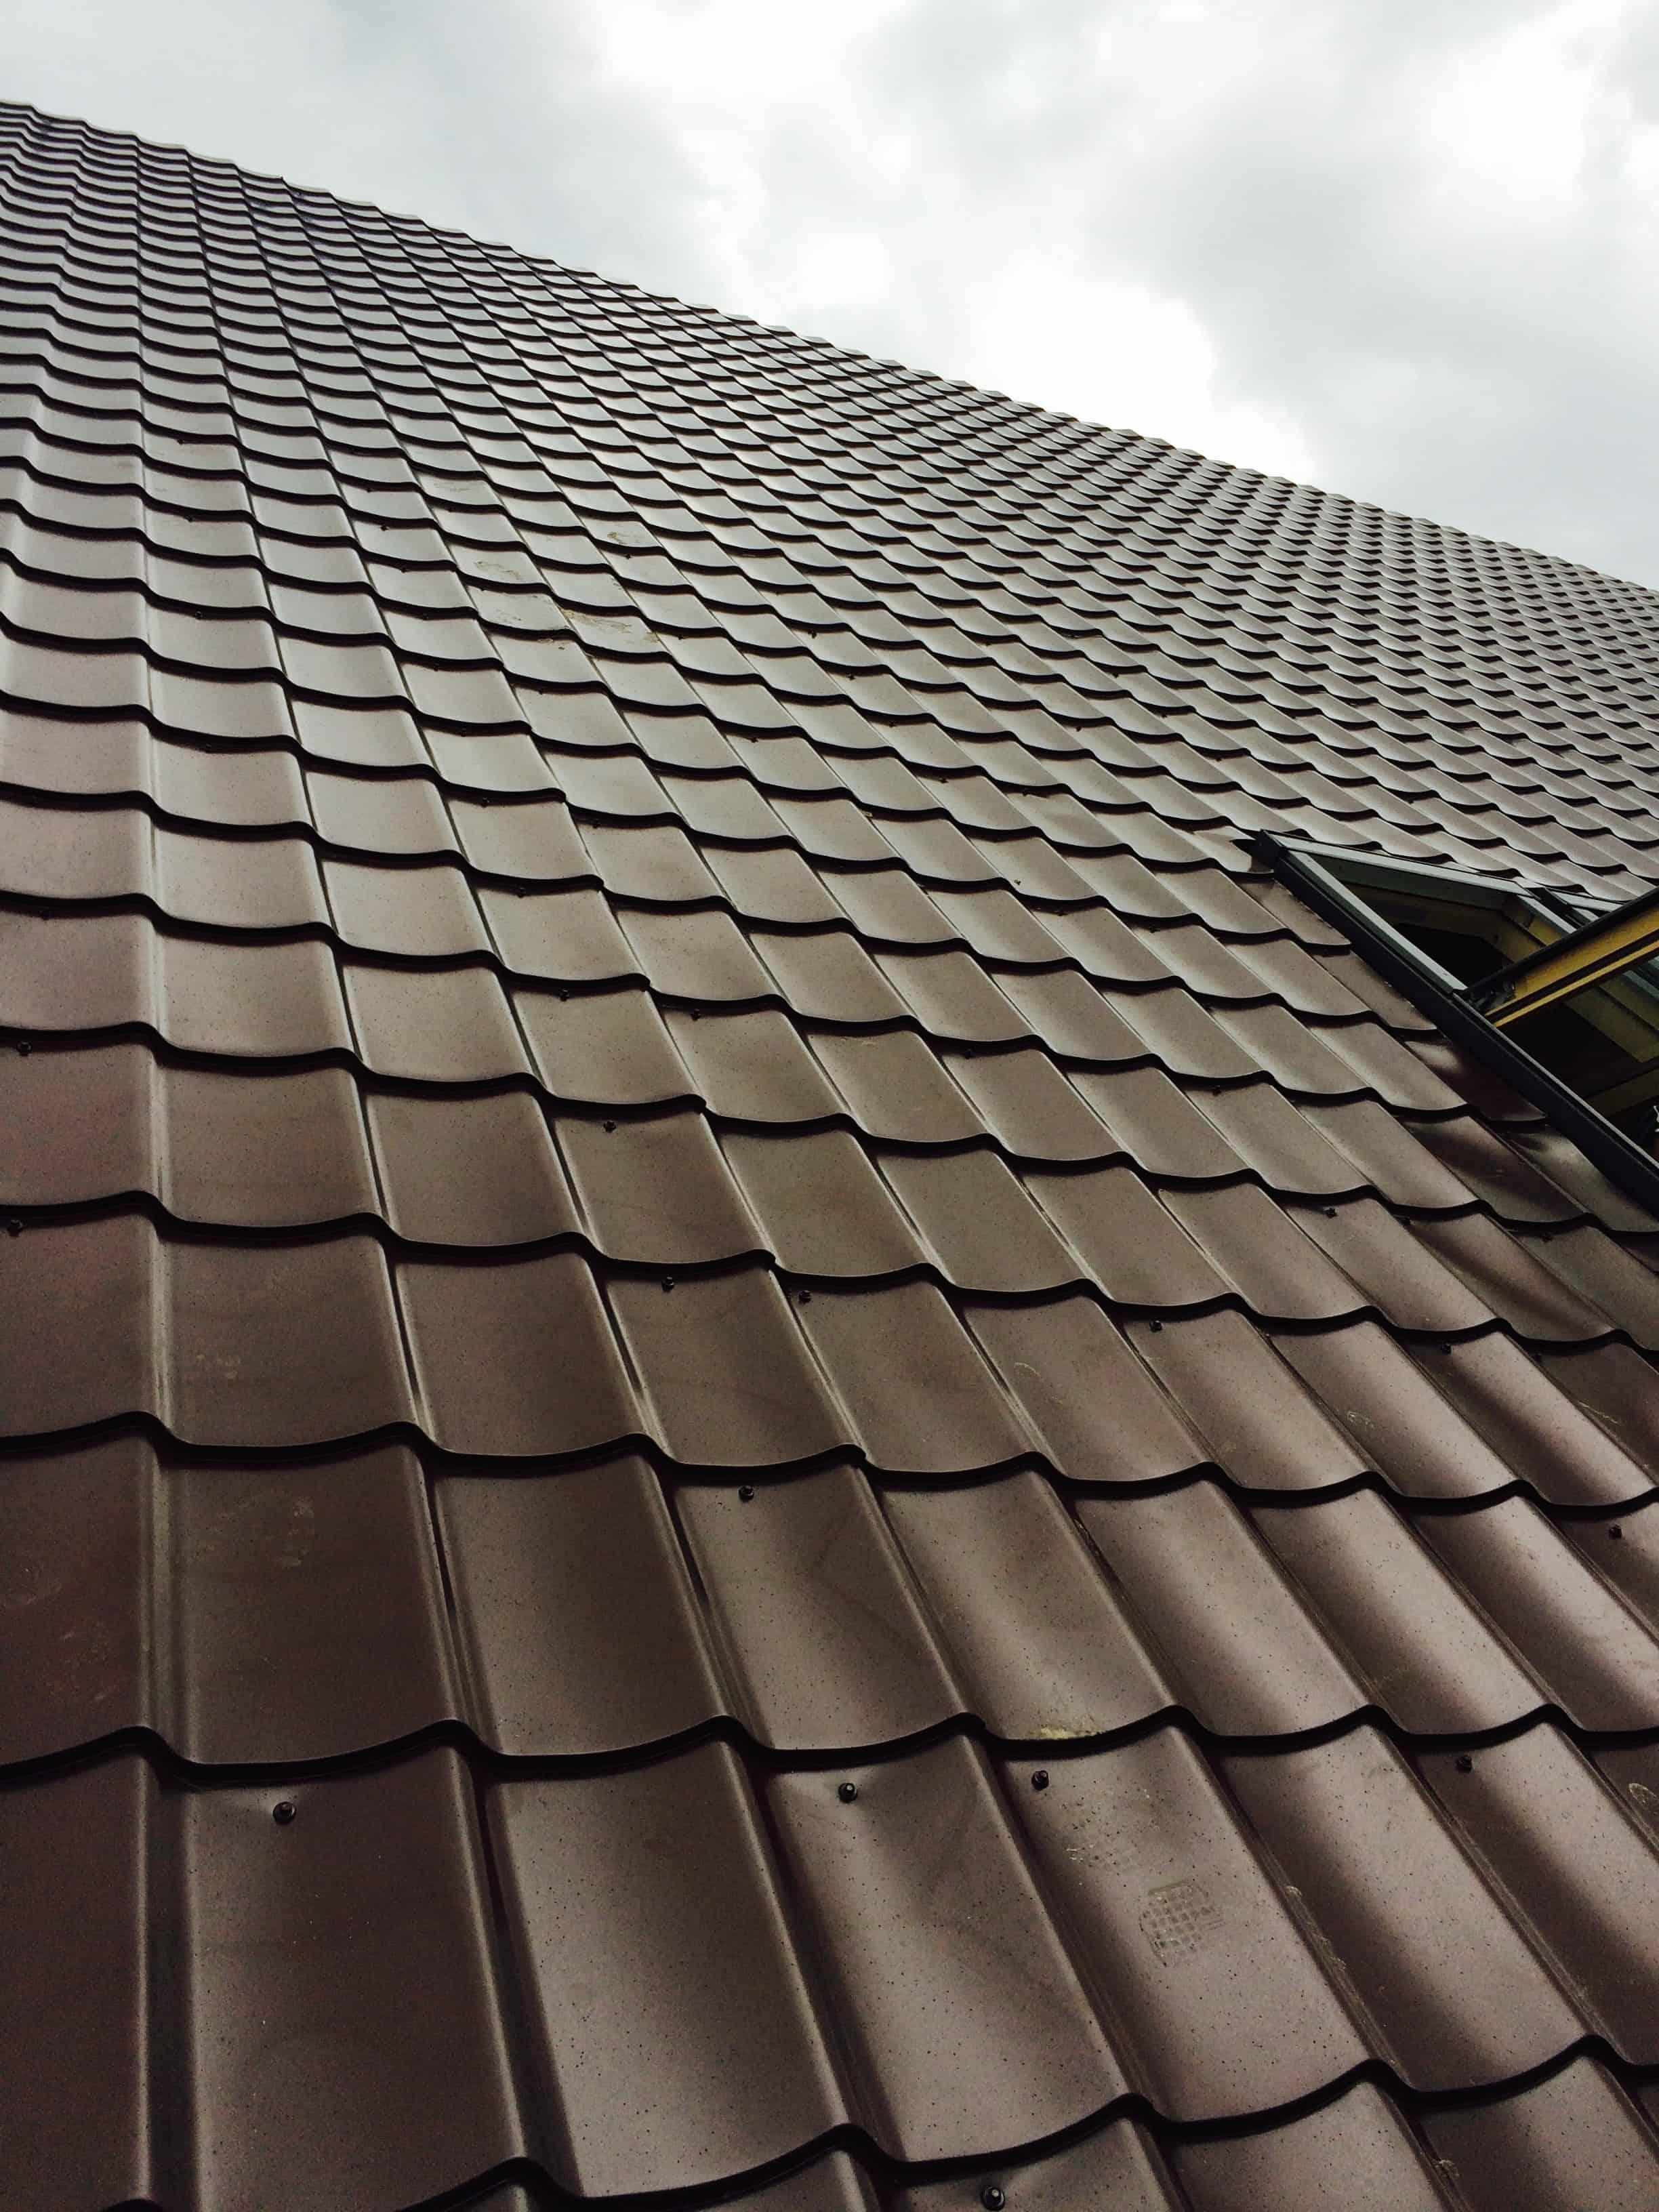 kokybiskas stogo dengimas